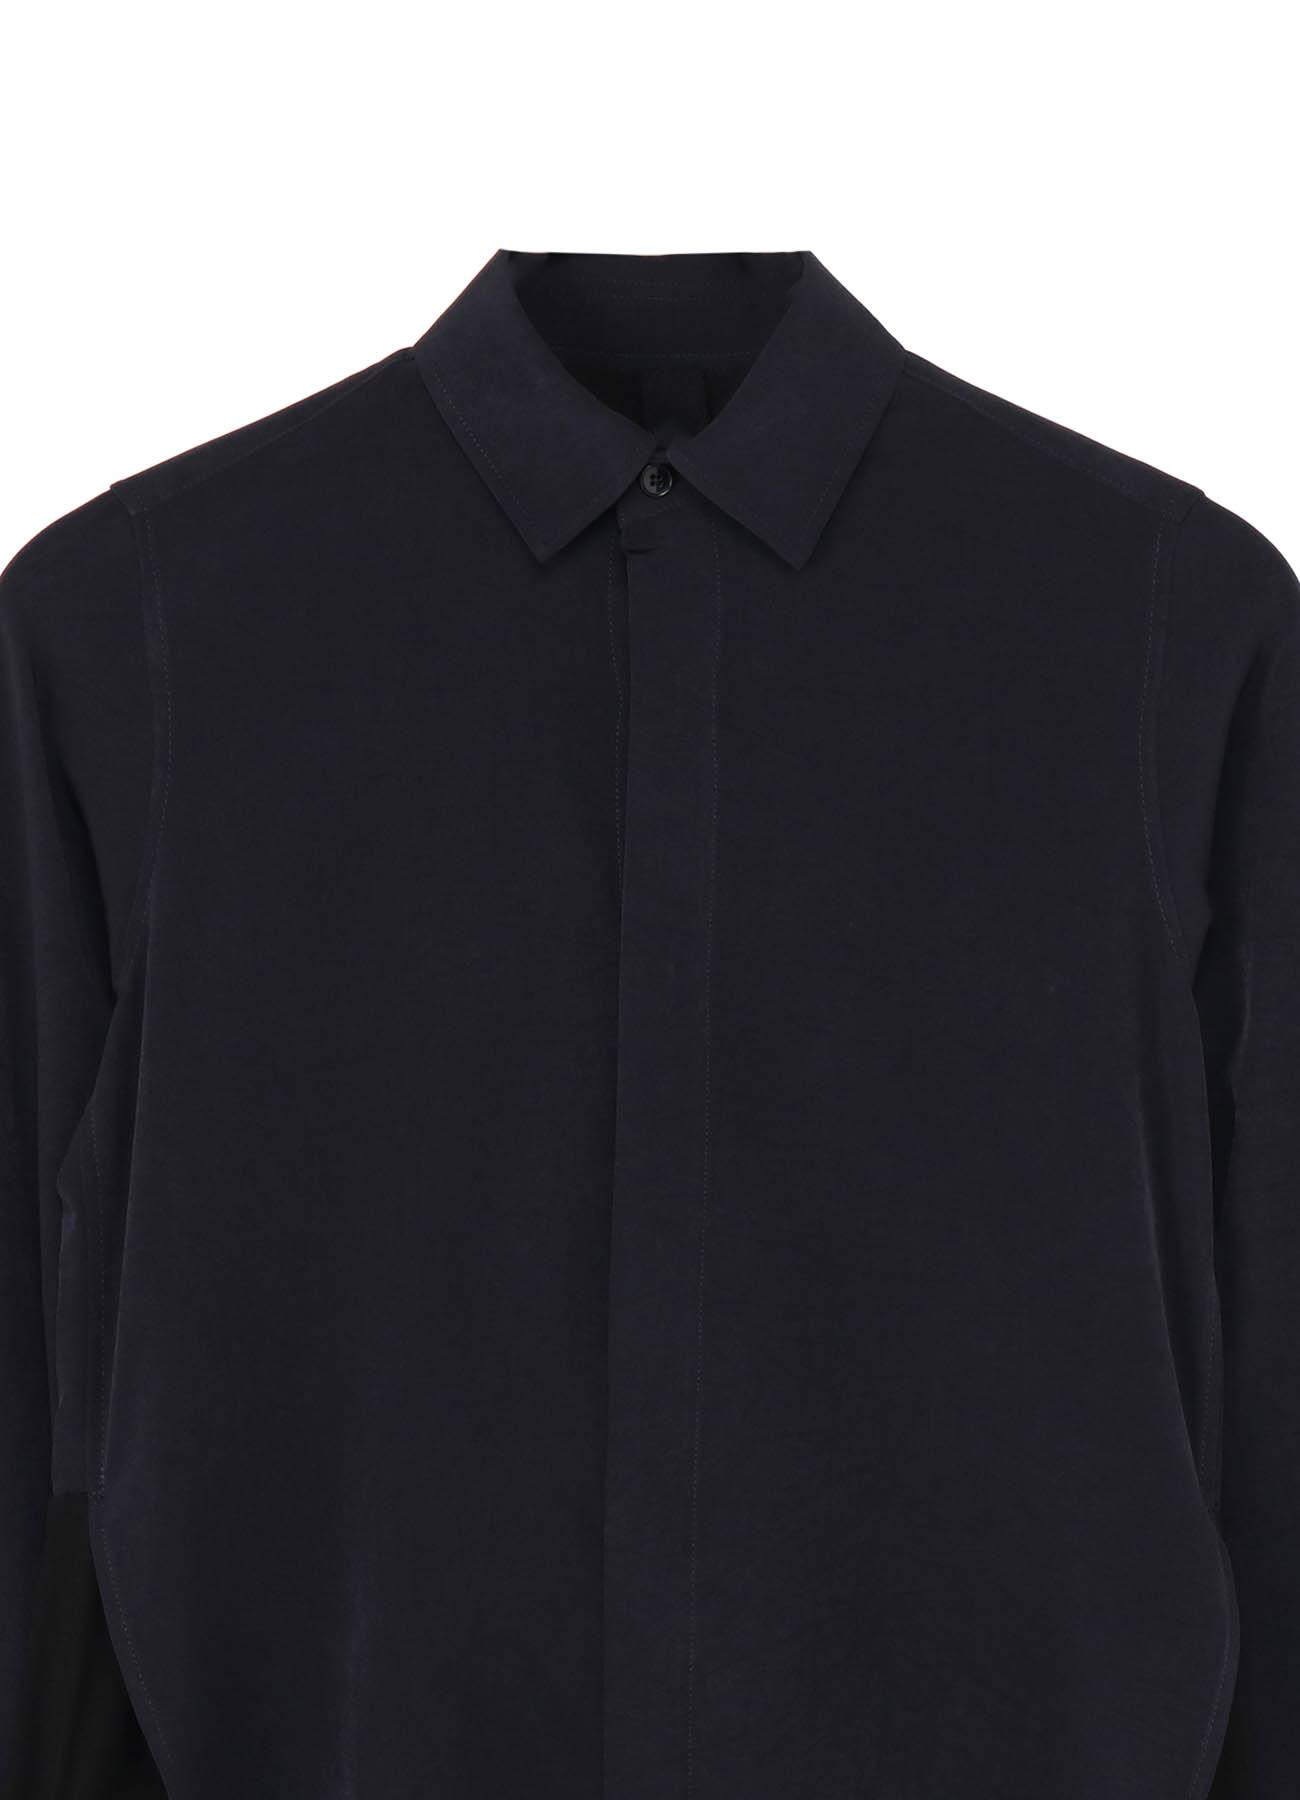 T/A Vintage Decyne Combination 2way Shirt Vest